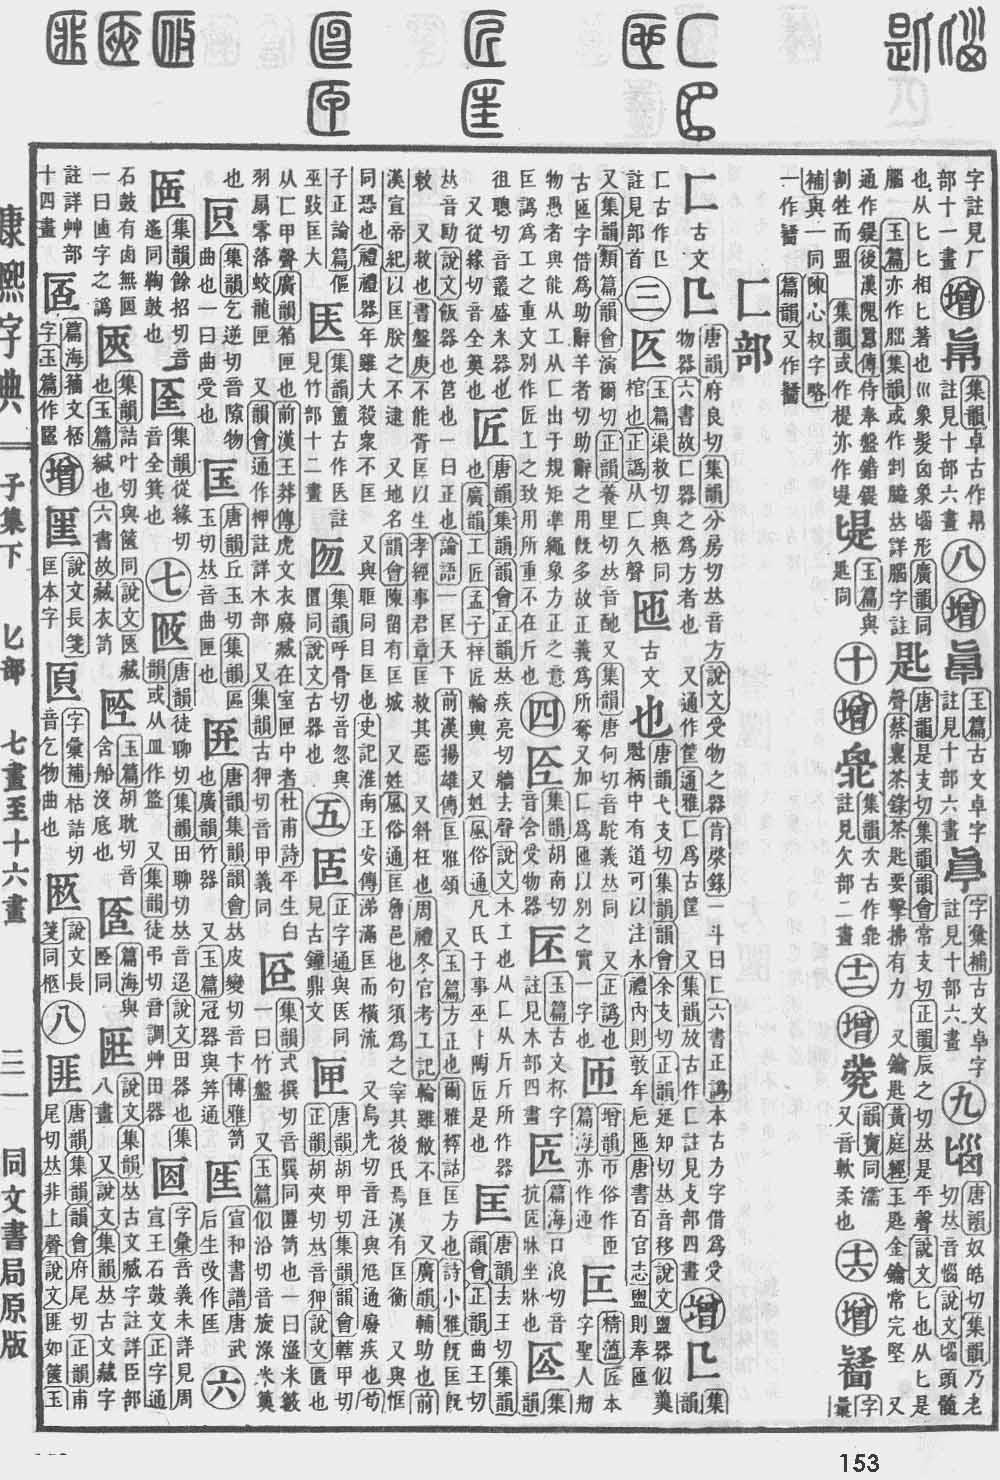 《康熙字典》第153页